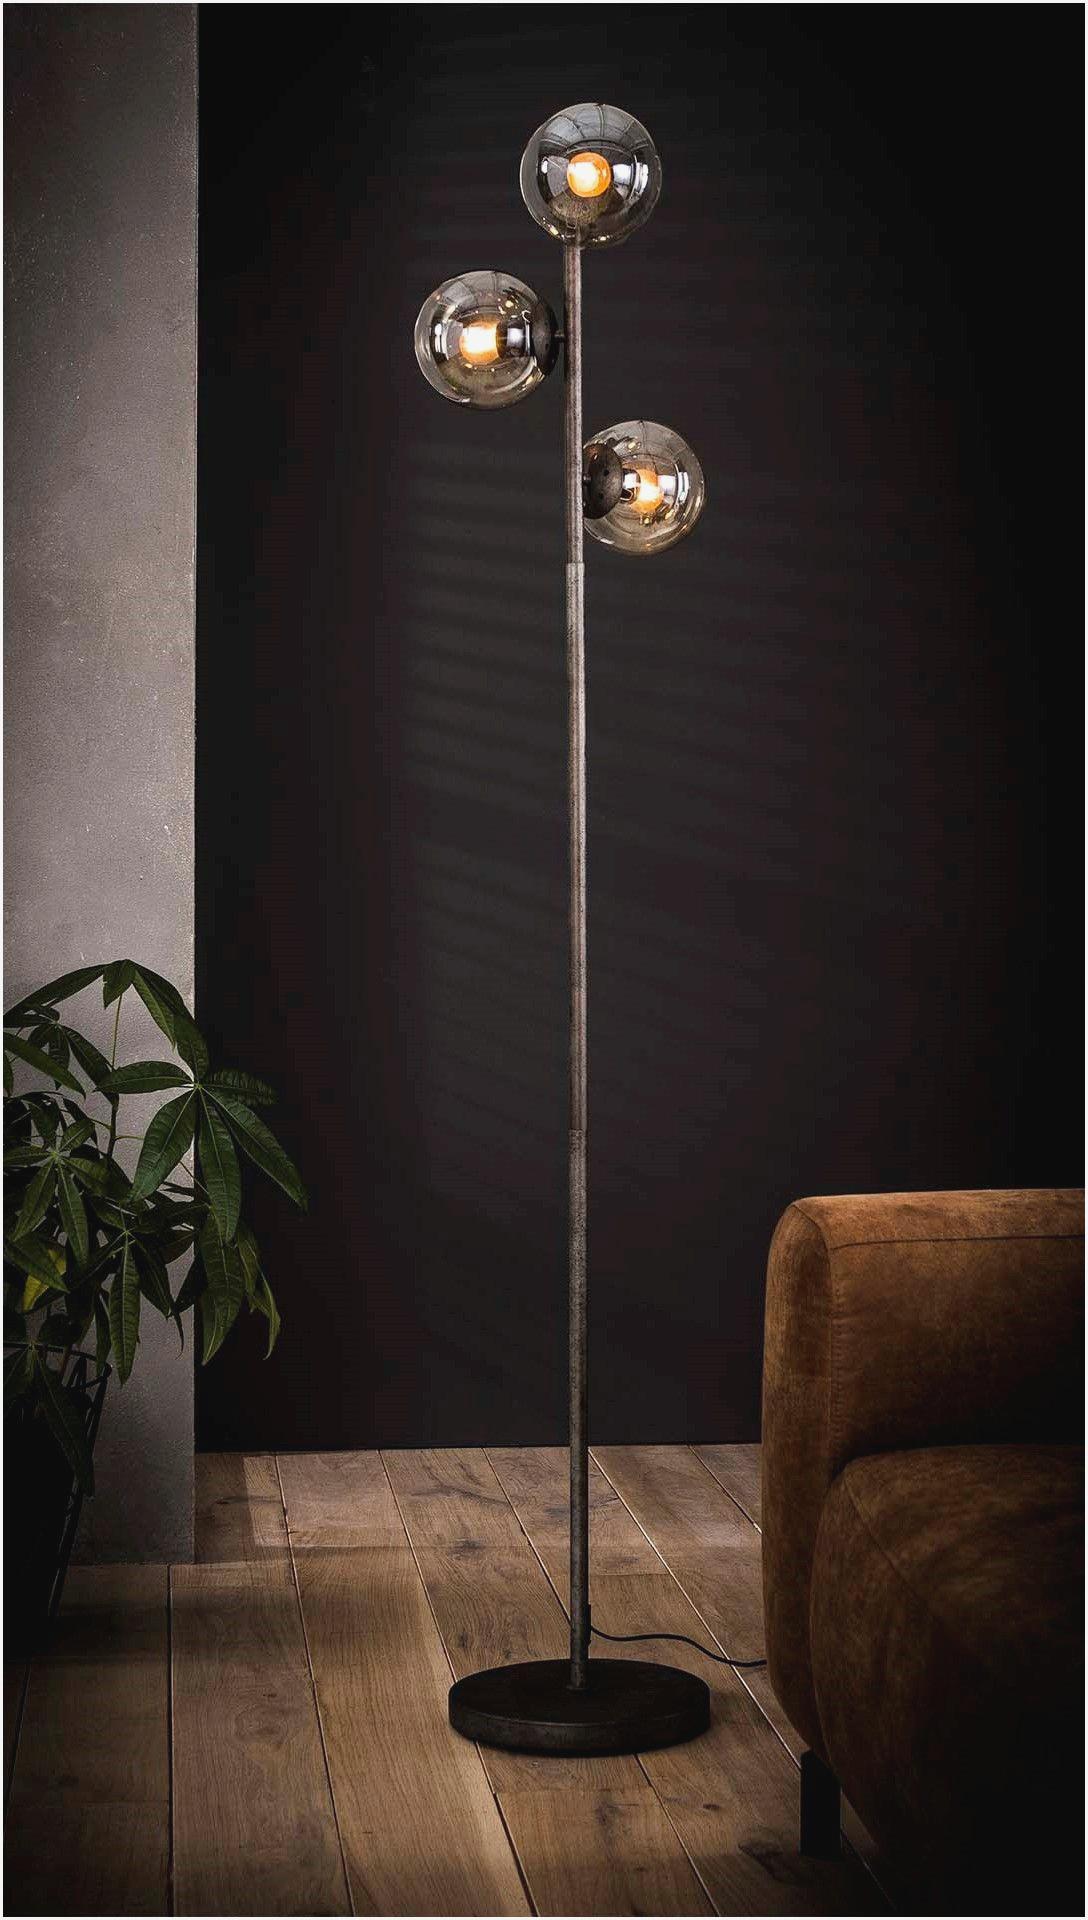 Full Size of Wohnzimmer Stehlampe Led Stehleuchte Ikea Stehlampen Holz Poco Beleuchtung Bad Deckenleuchte Schlafzimmer Hängelampe Schrank Anbauwand Wohnwand Teppich Wohnzimmer Wohnzimmer Stehlampe Led